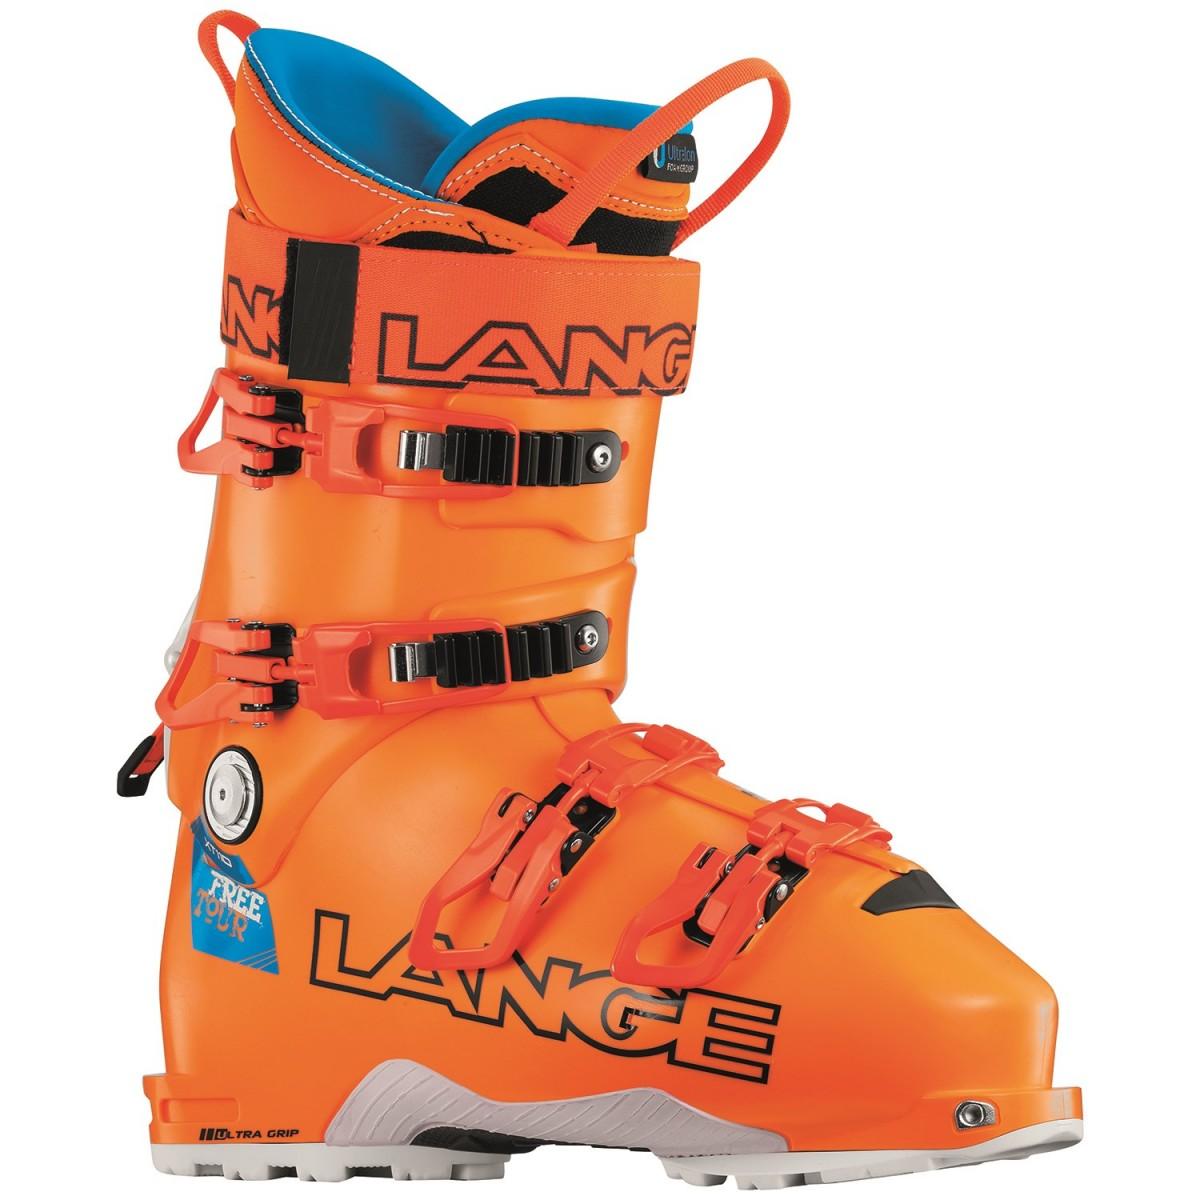 new style b4f28 fdd2a Xt 110 Freetour - scarponi da sci uomo